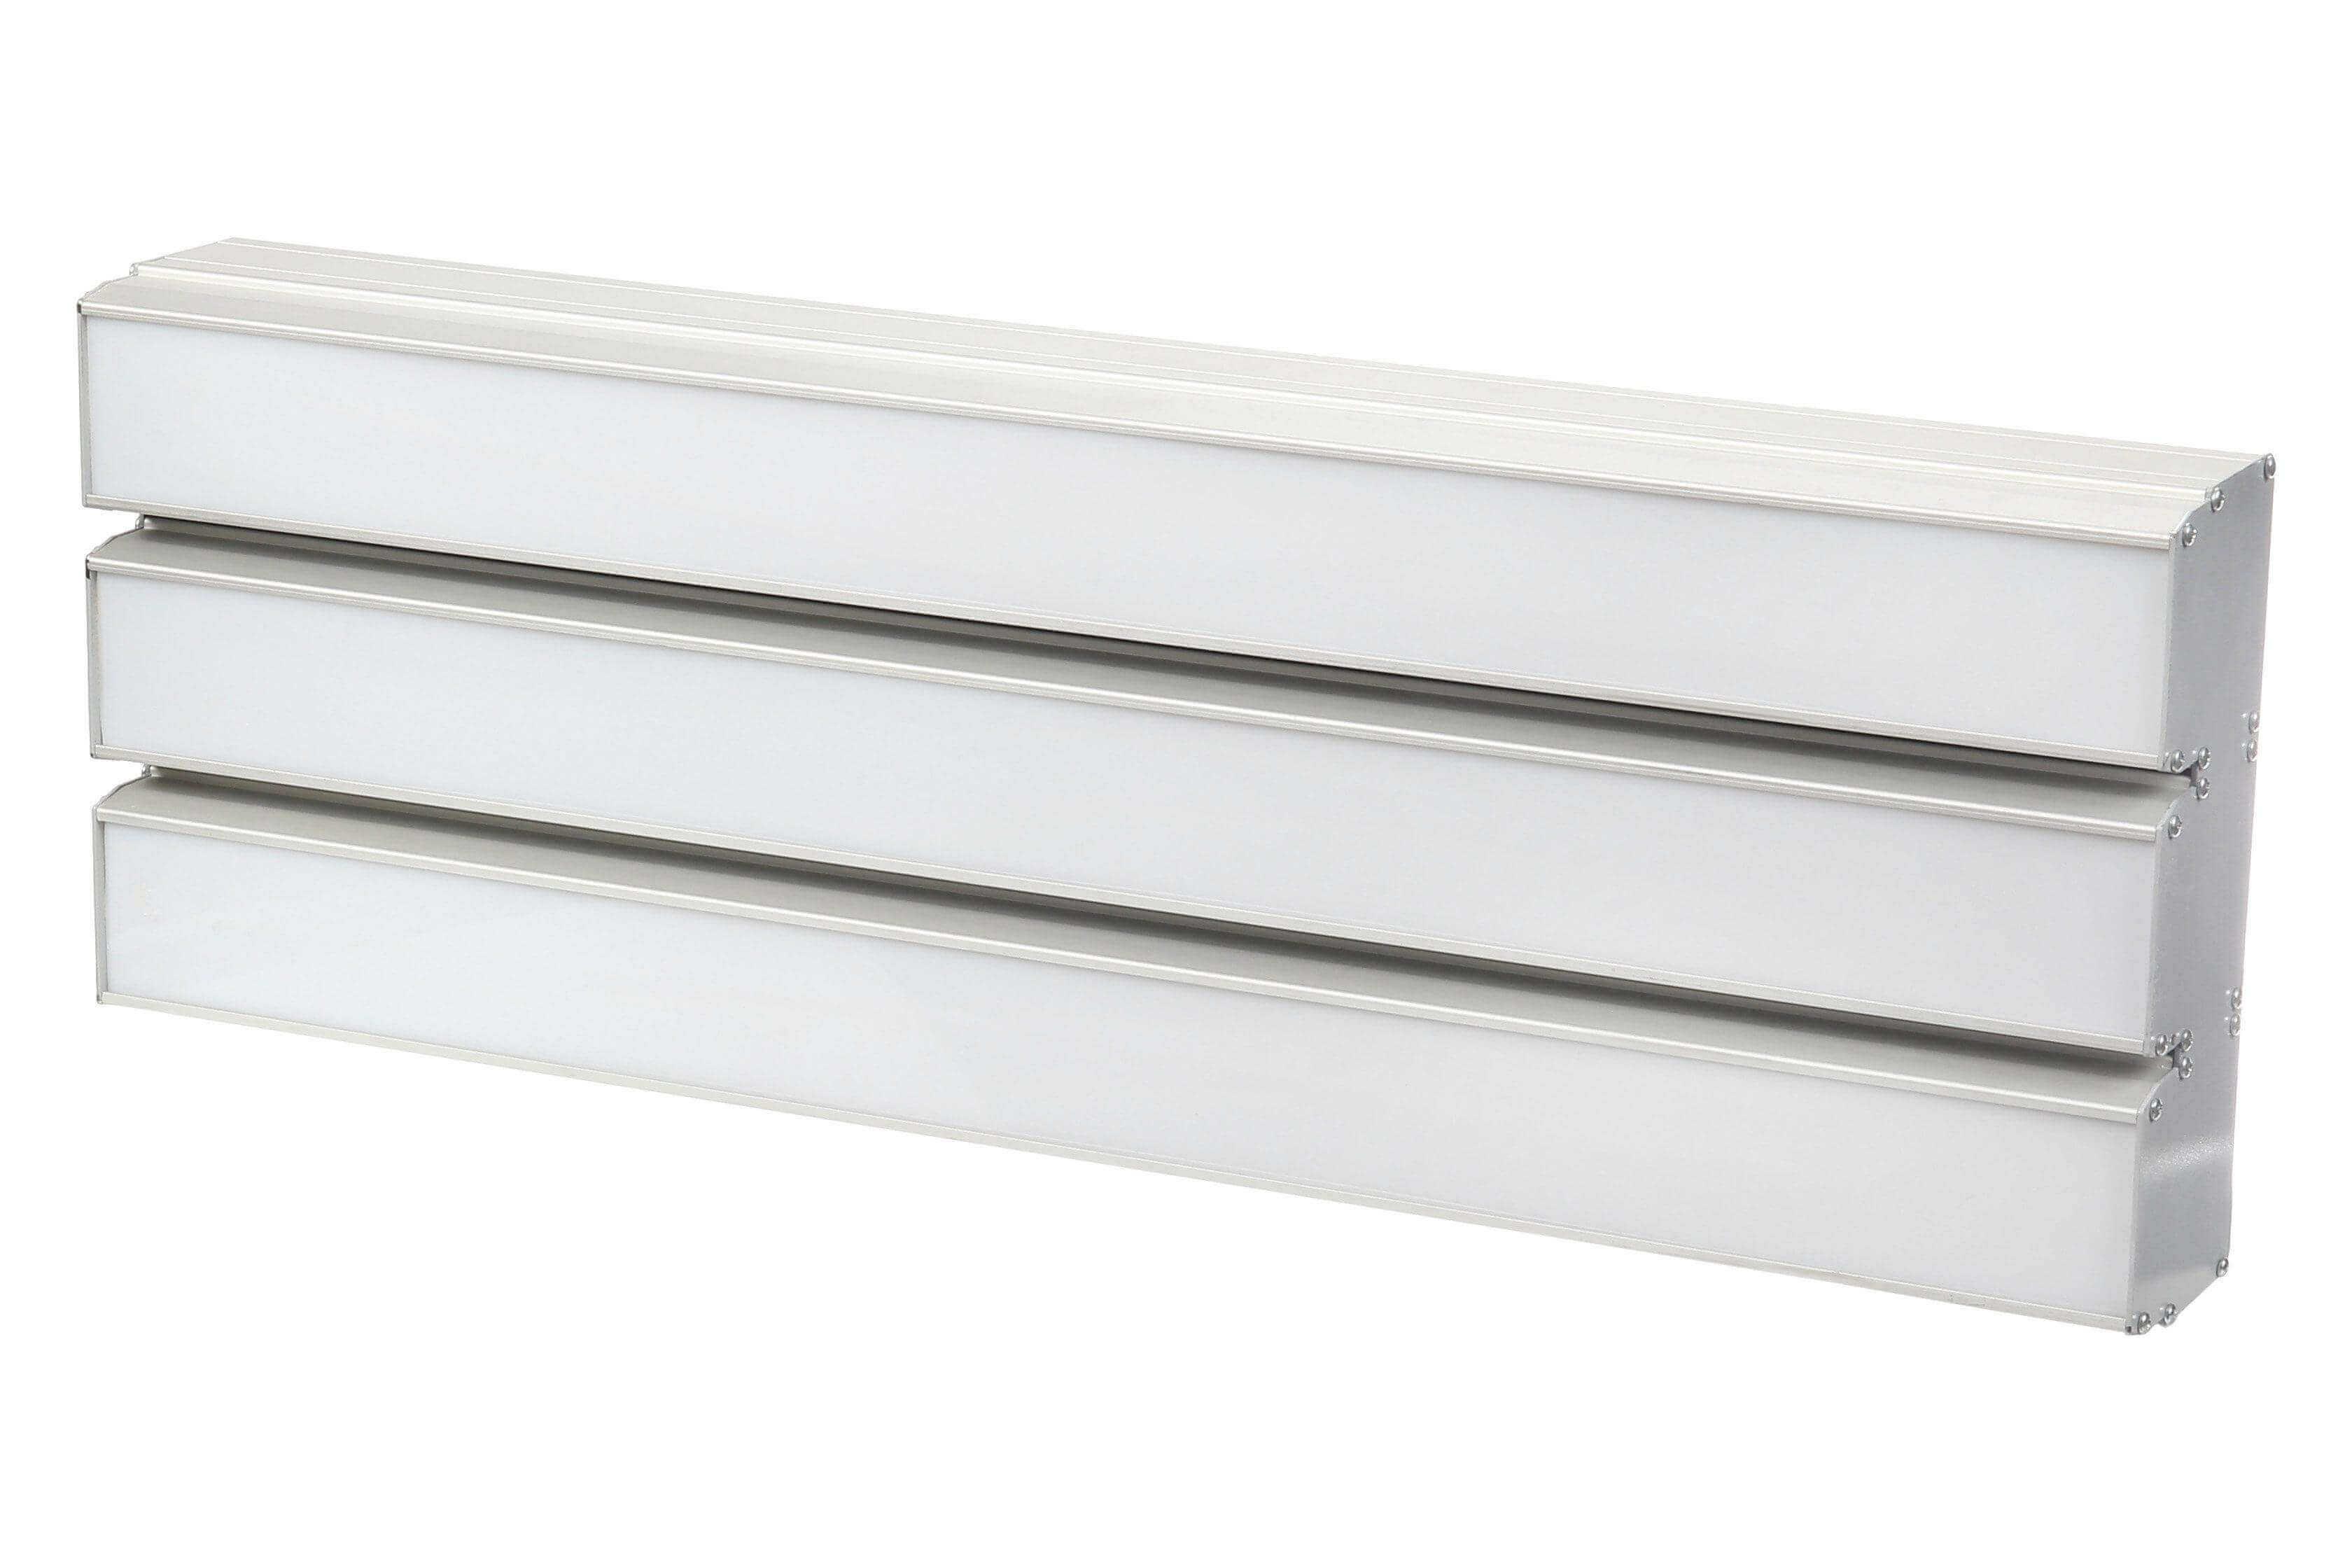 Светодиодный светильник LEDcraft LC-240-3PR2-OP-DW 240 Ватт IP20 (1160 мм) Нейтральный Опал